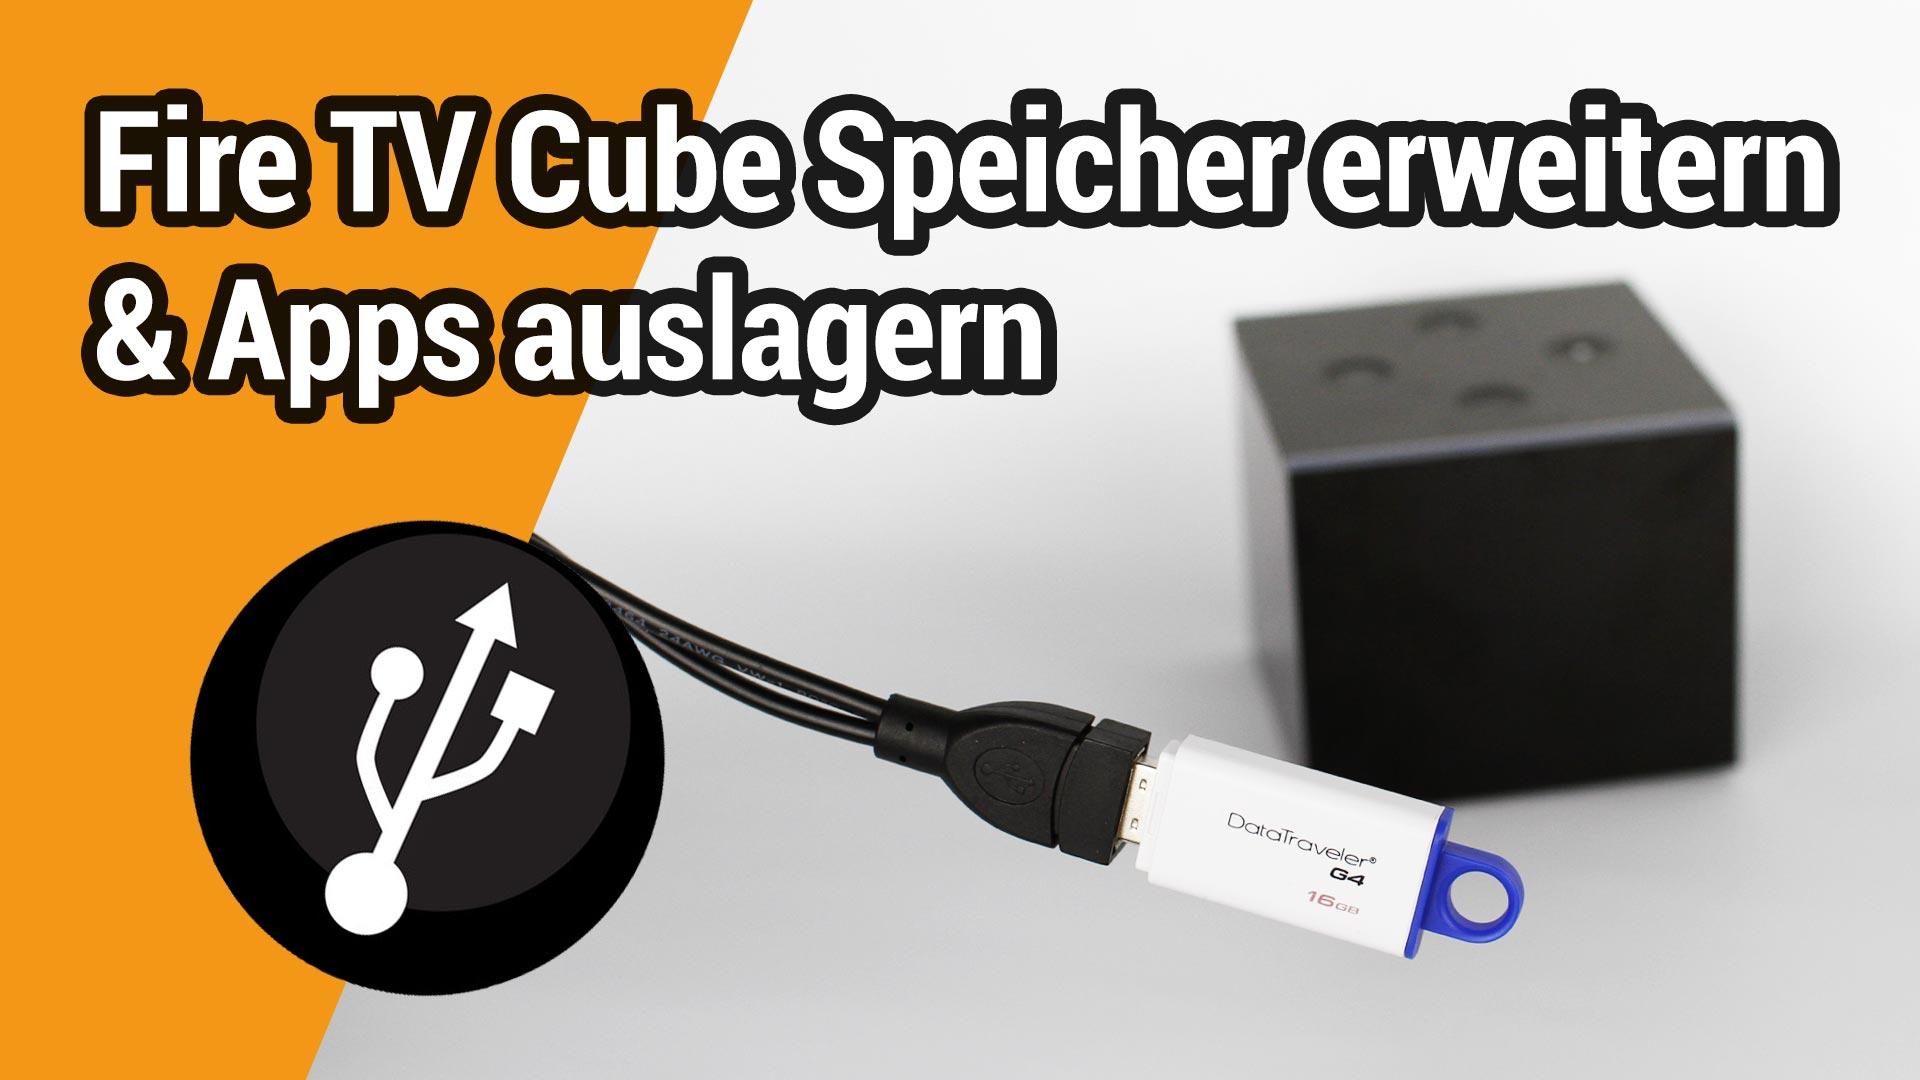 Fire TV Cube: Internen Speicher via USB erweitern und Apps auslagern